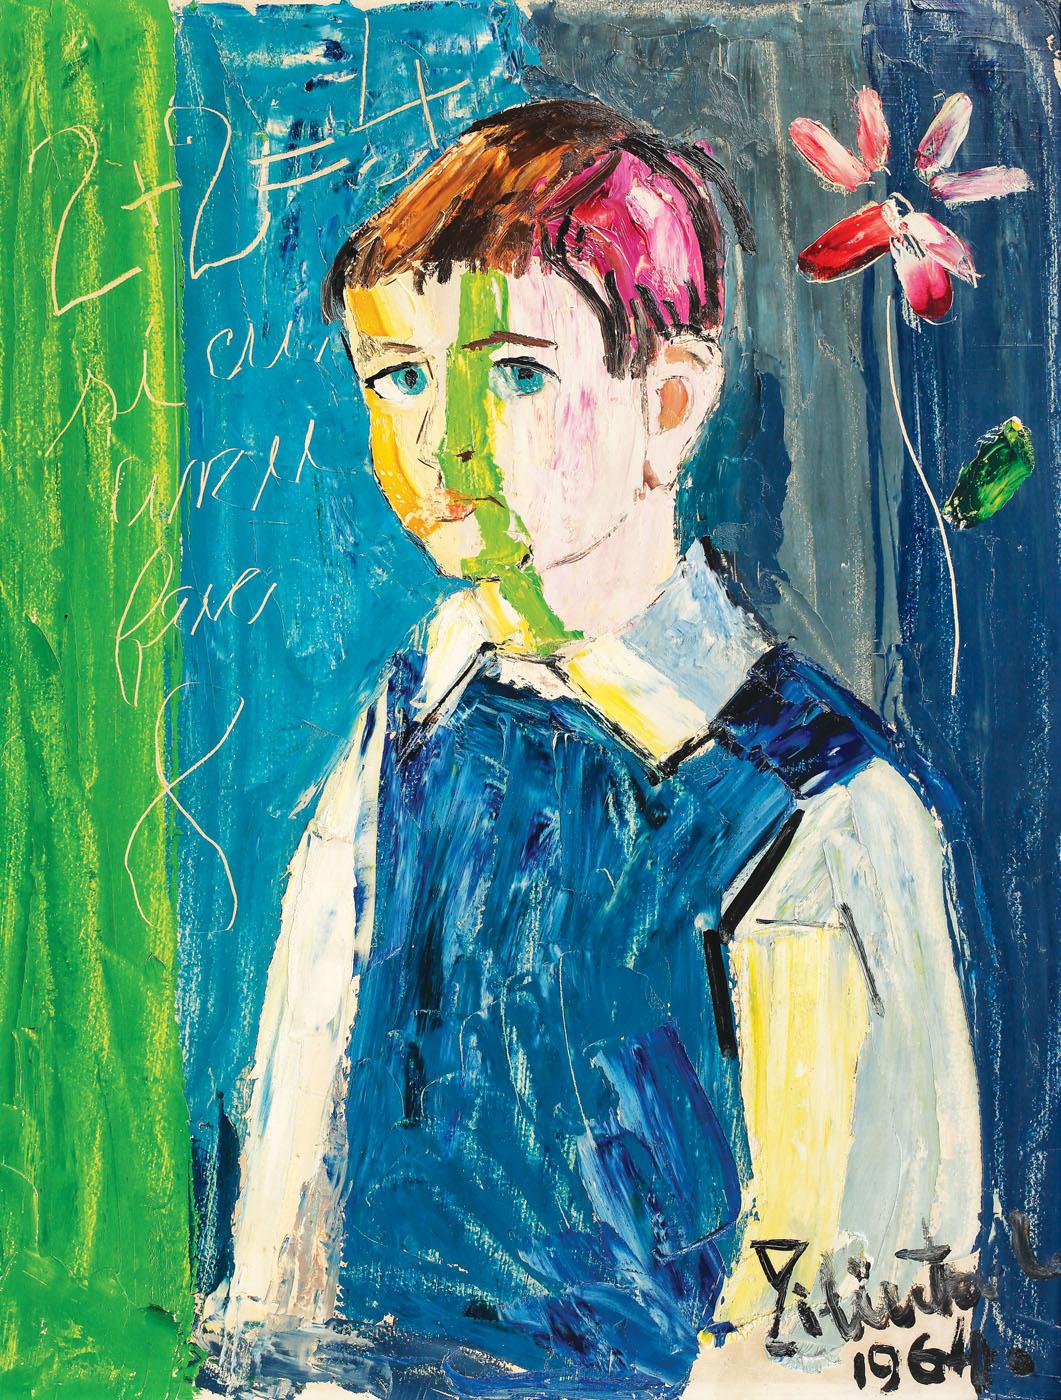 Încurcat în socoteli [1964], colecție privată